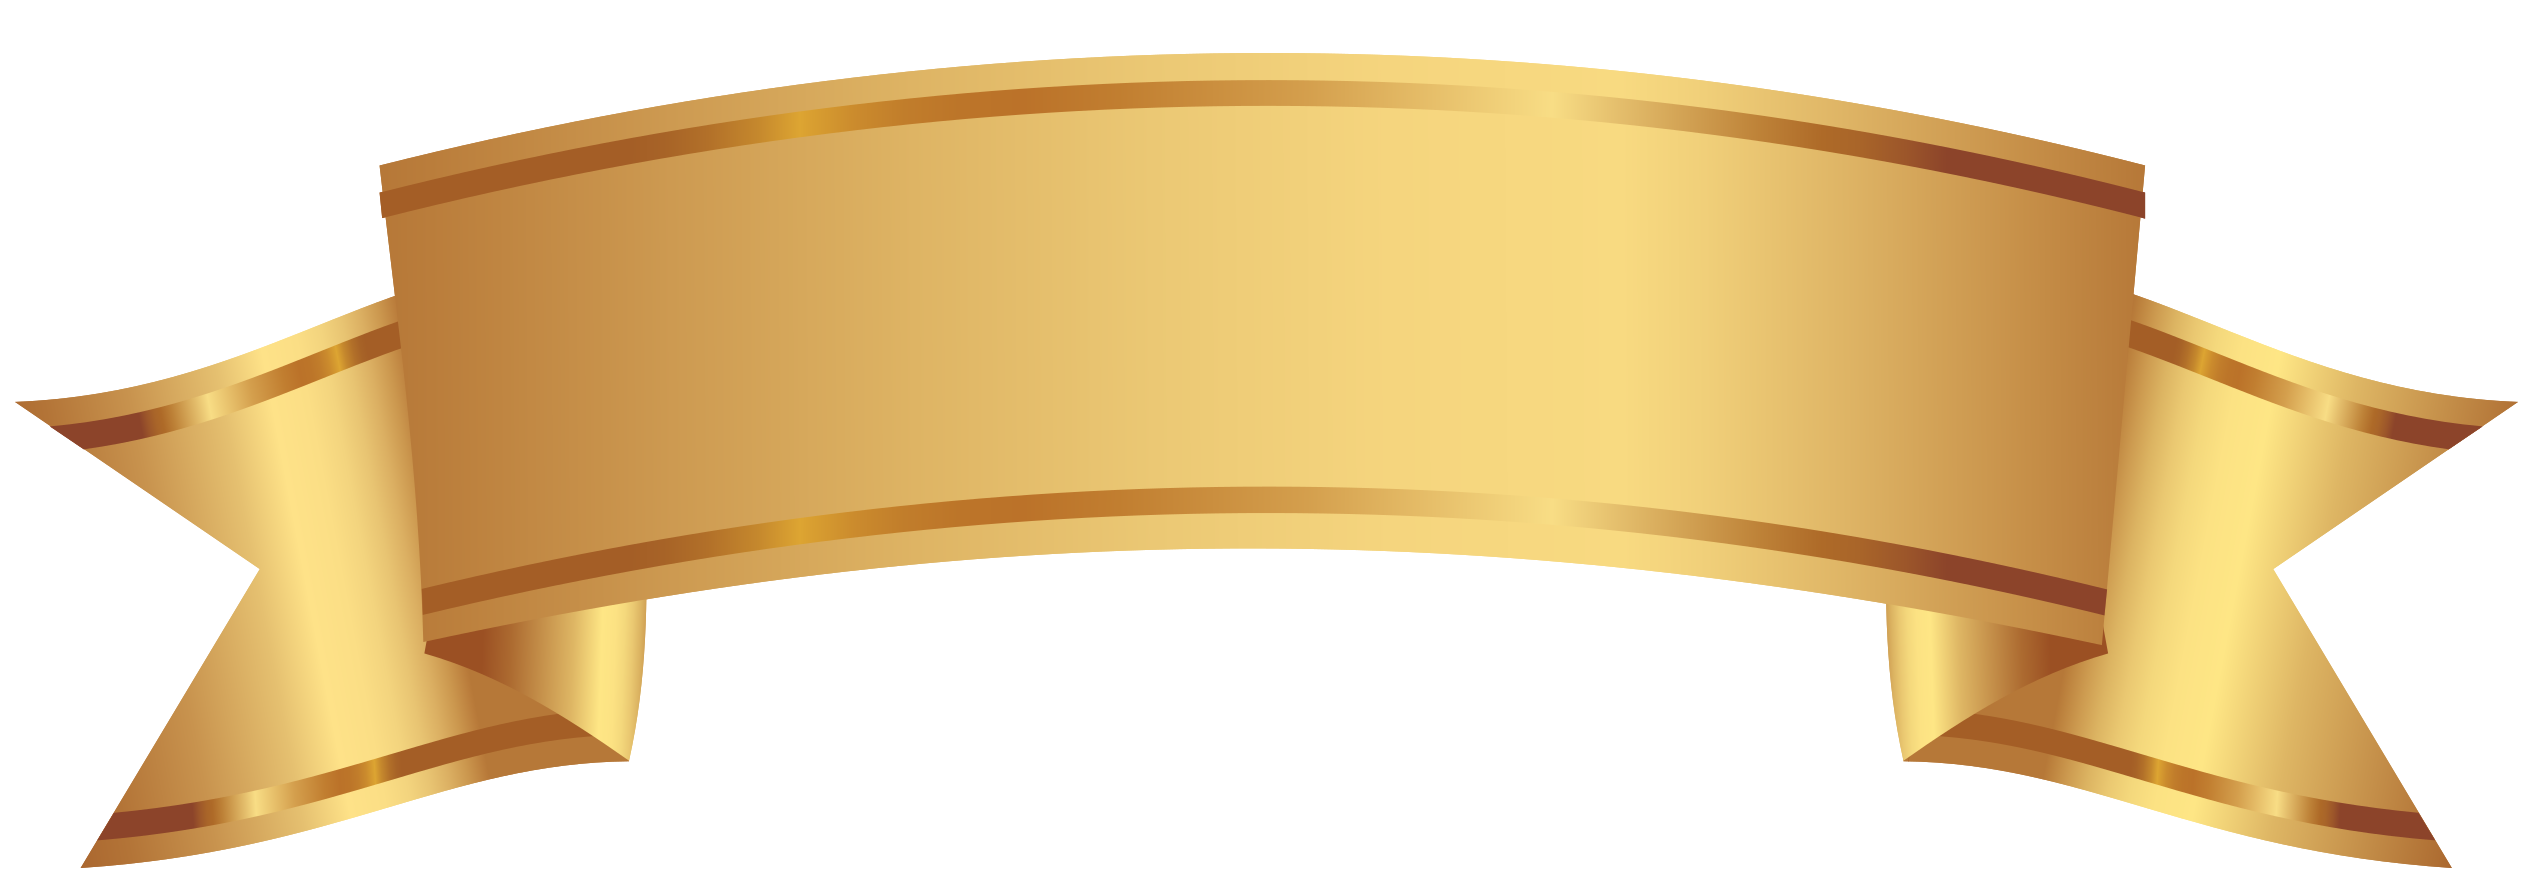 banner decorativo dorato png